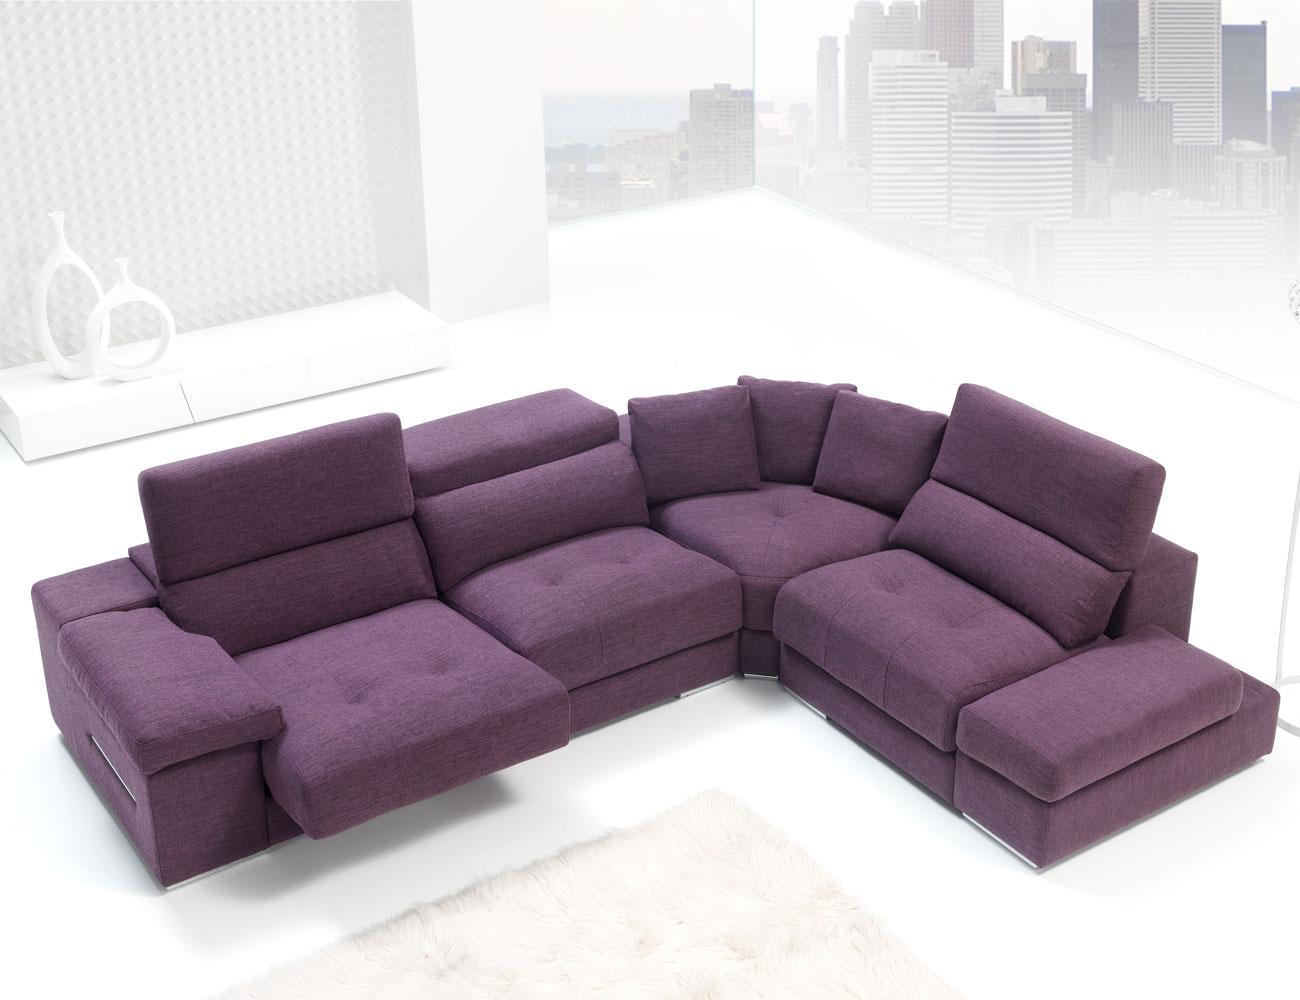 Sofa chaiselongue rincon con brazo mecanico tejido anti manchas 230